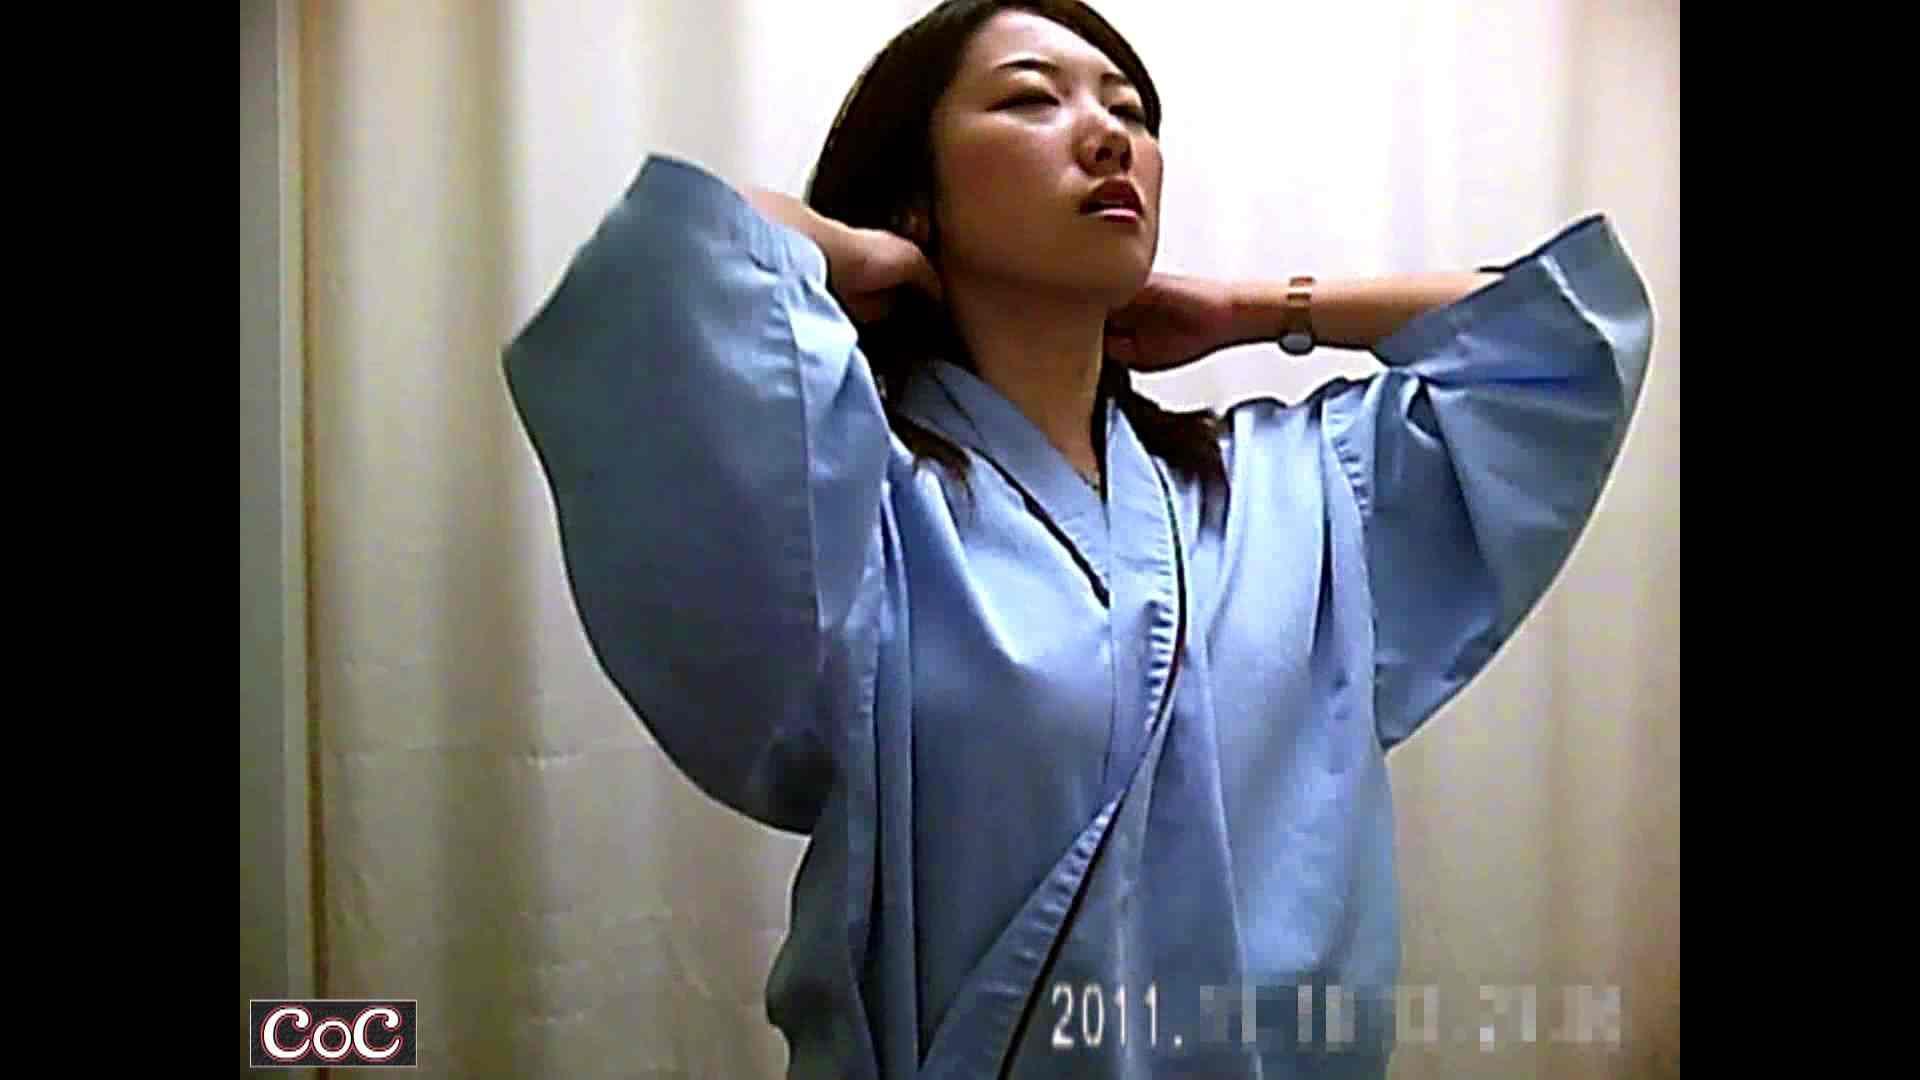 病院おもいっきり着替え! vol.97 巨乳 のぞき動画画像 46PICs 6